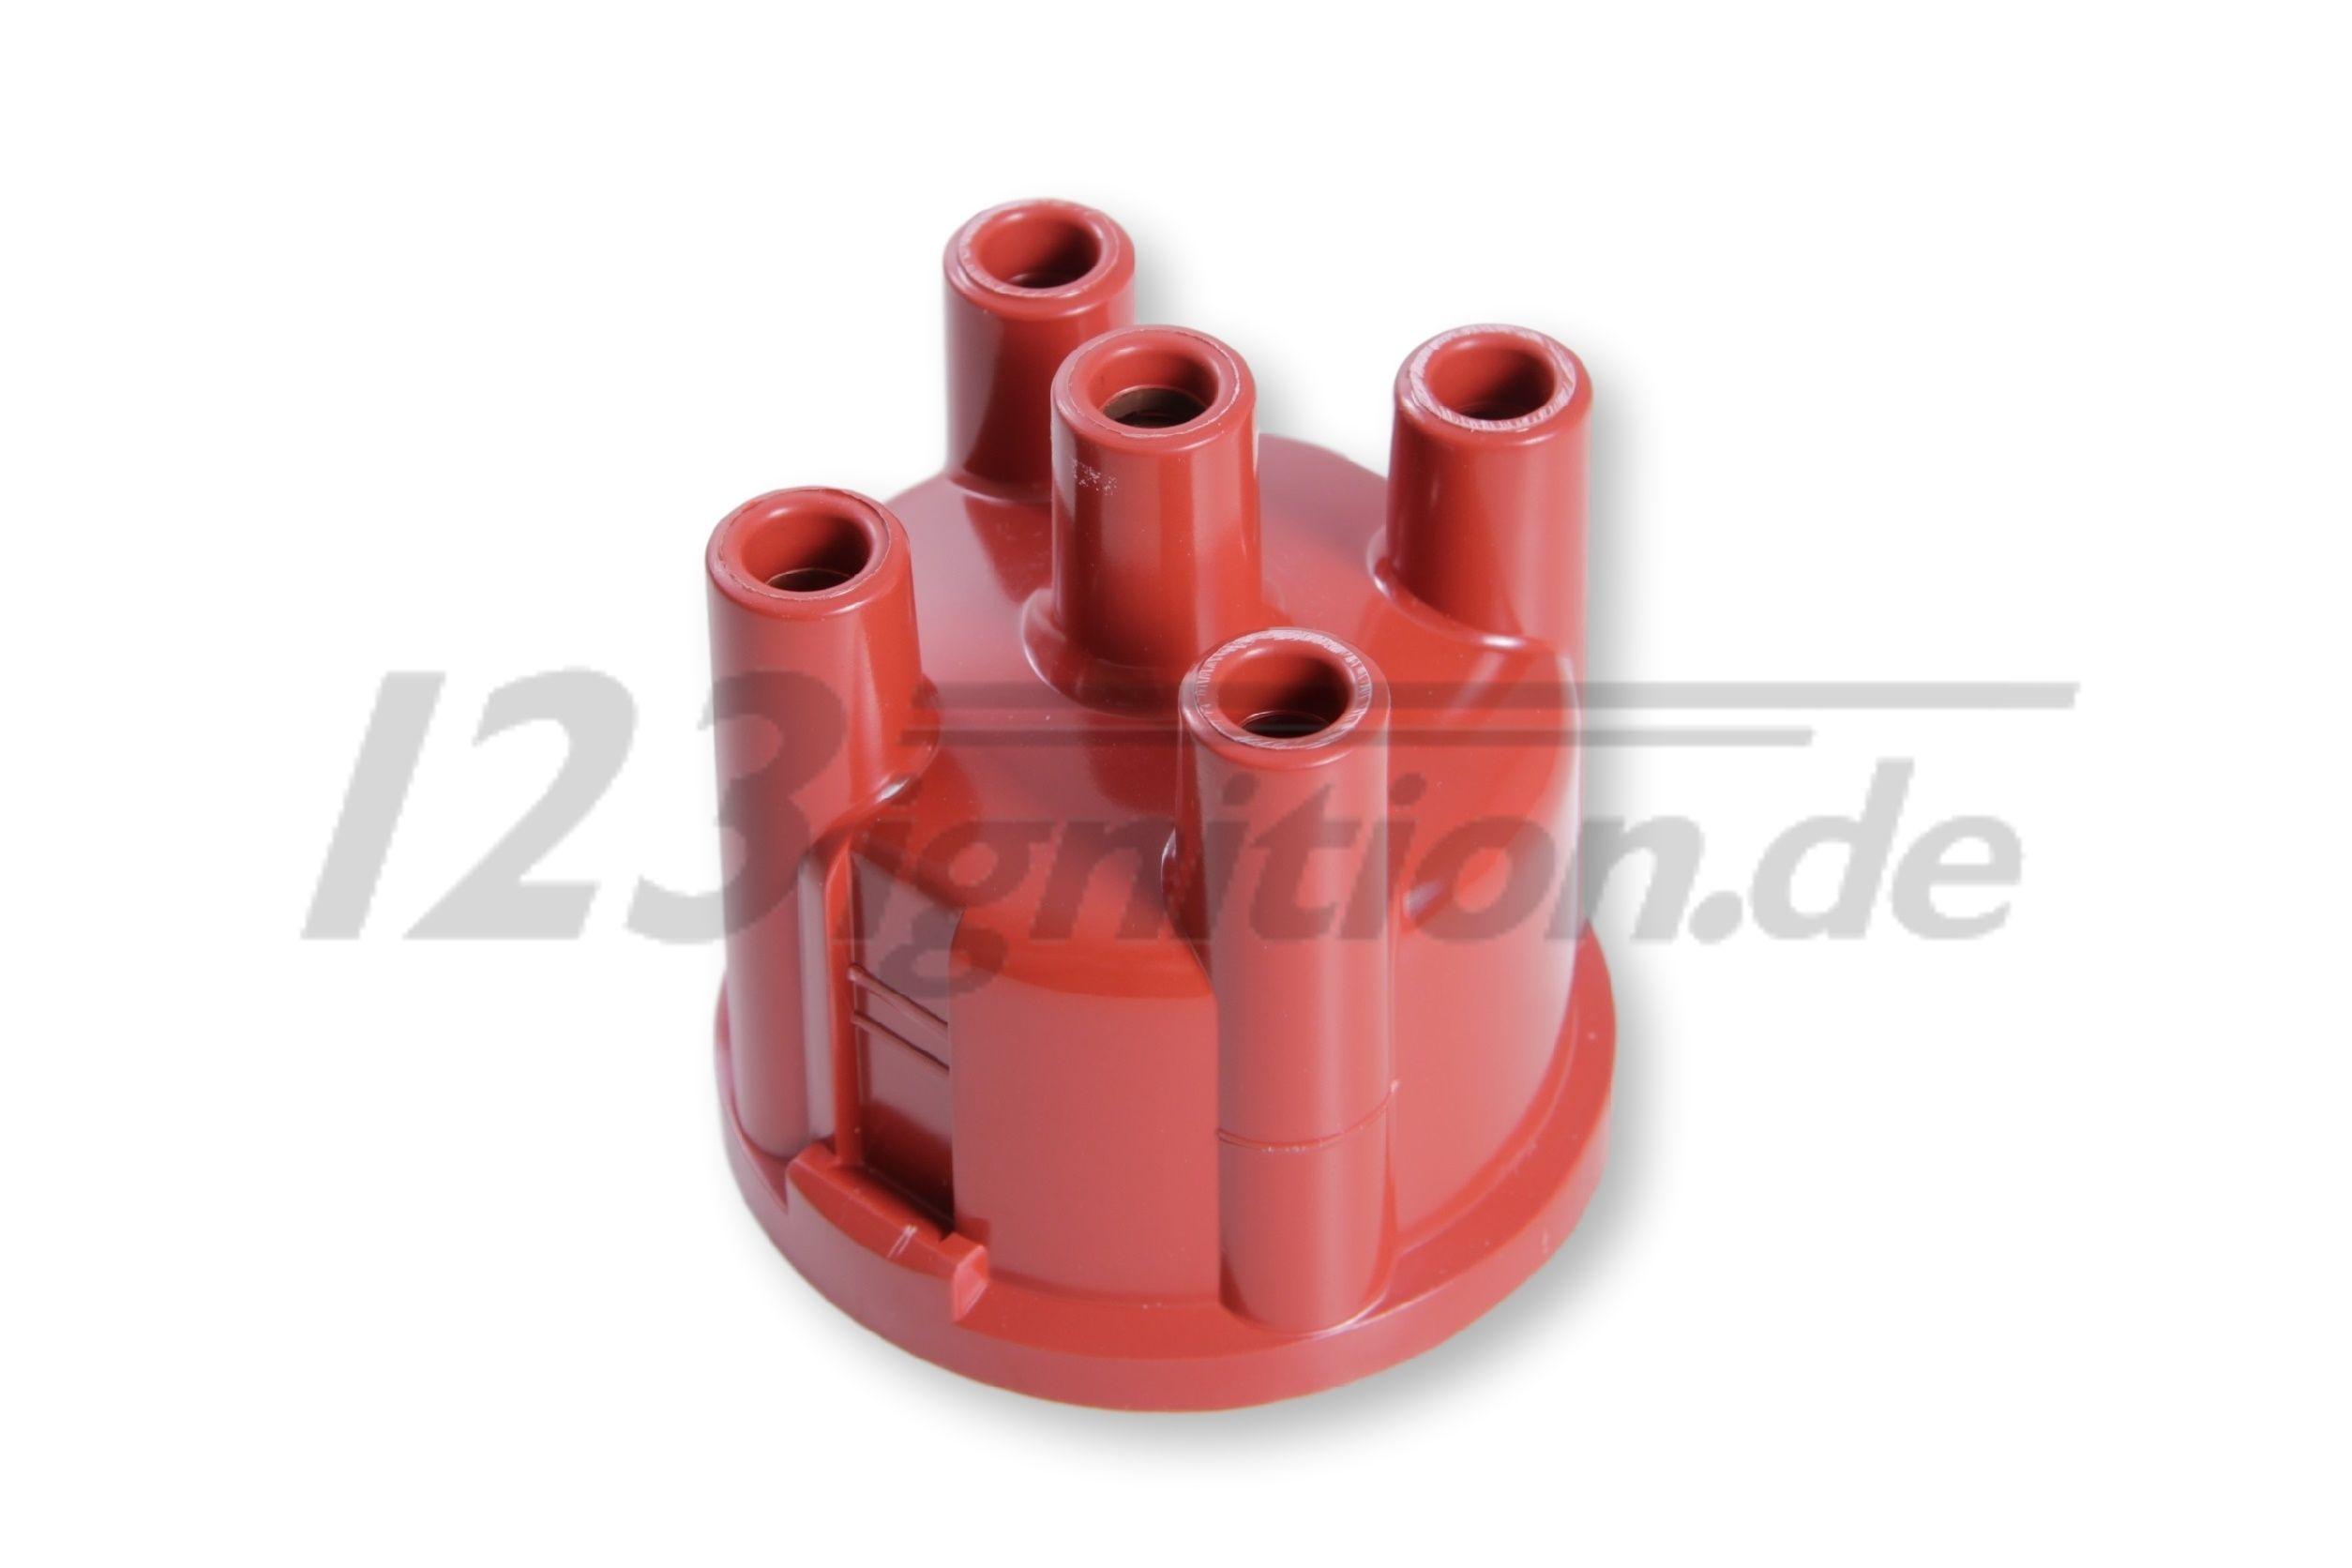 Verteilerkappe 4 Zylinder 123ignition